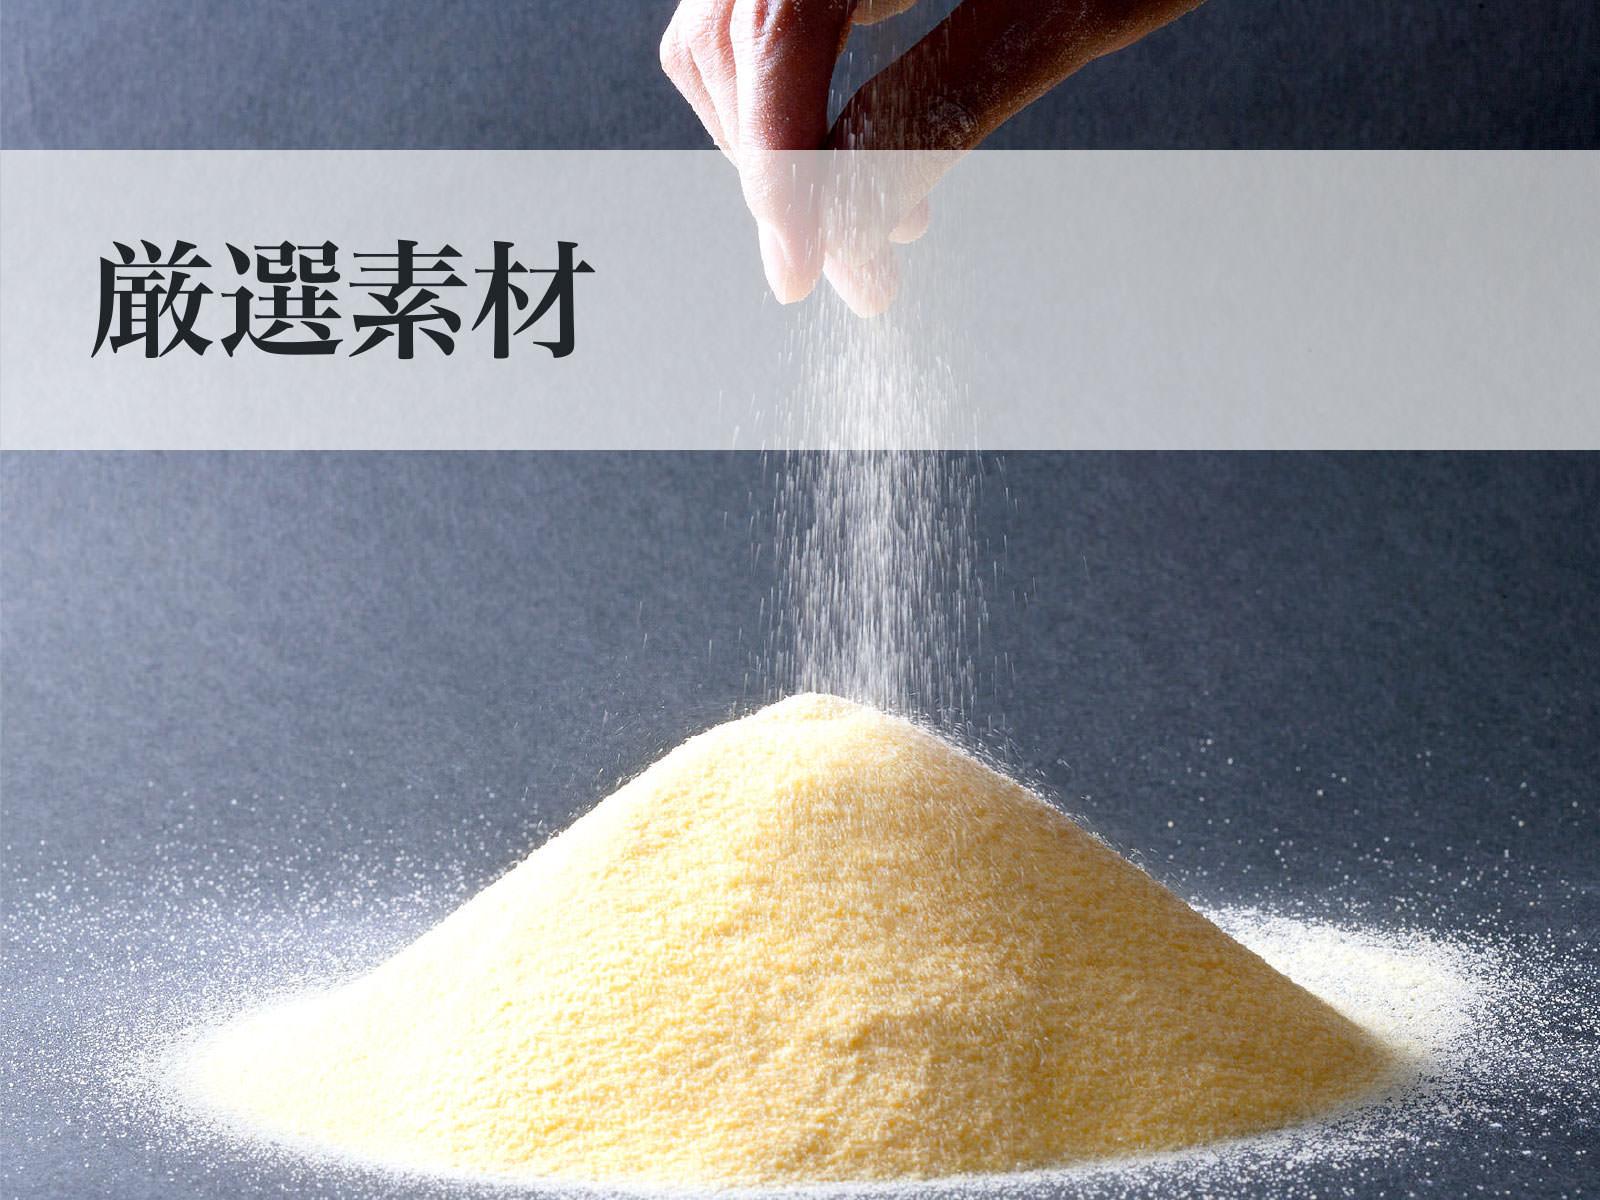 業務用生麺 こだわりの厳選素材/原材料